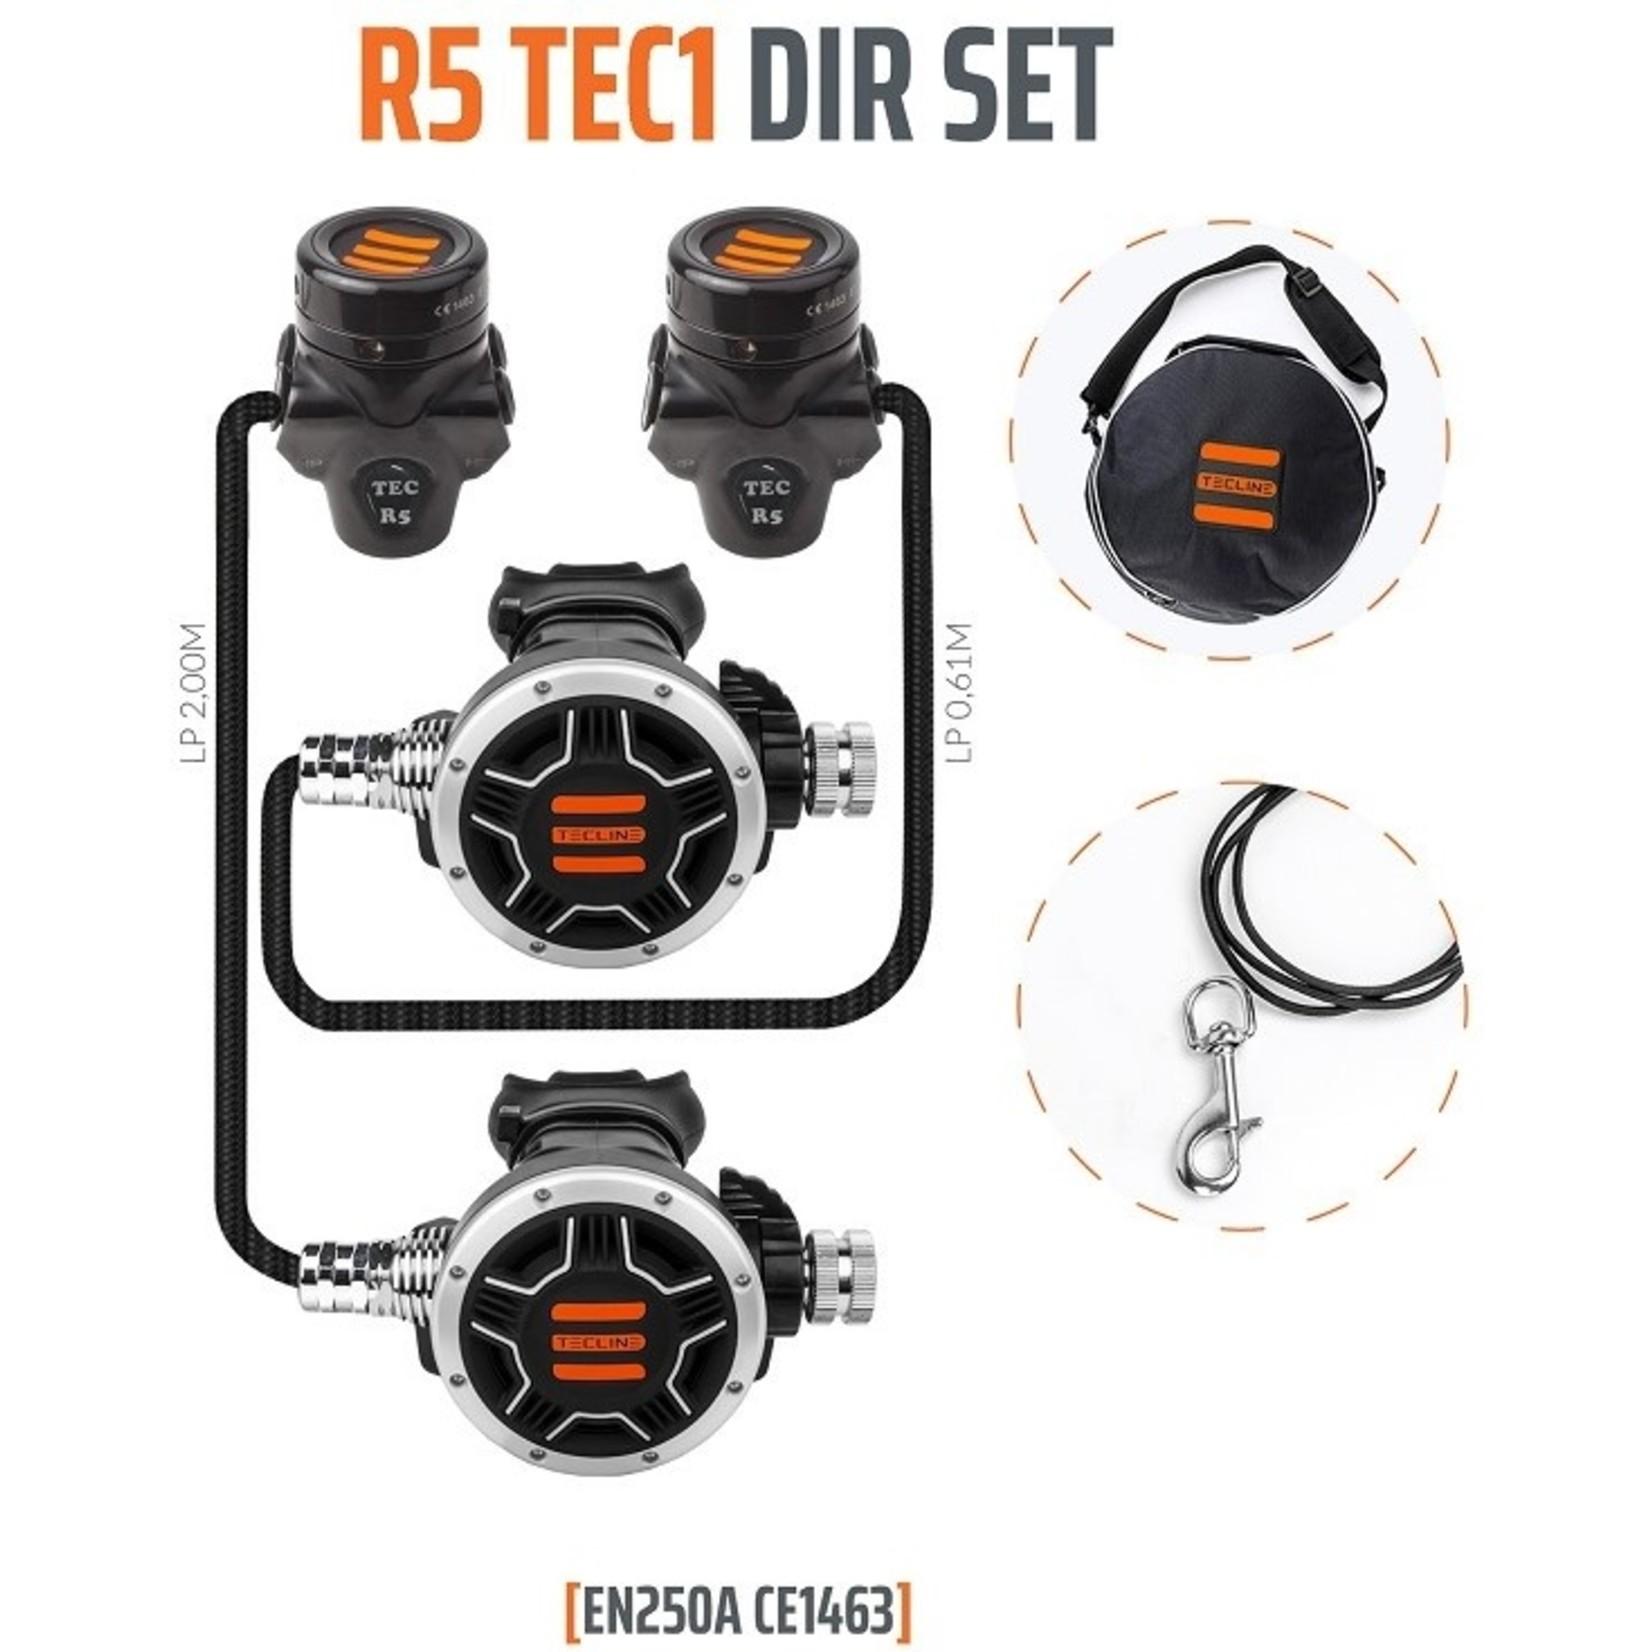 Tecline Regulator R5 TEC1 DIR Set - EN250A